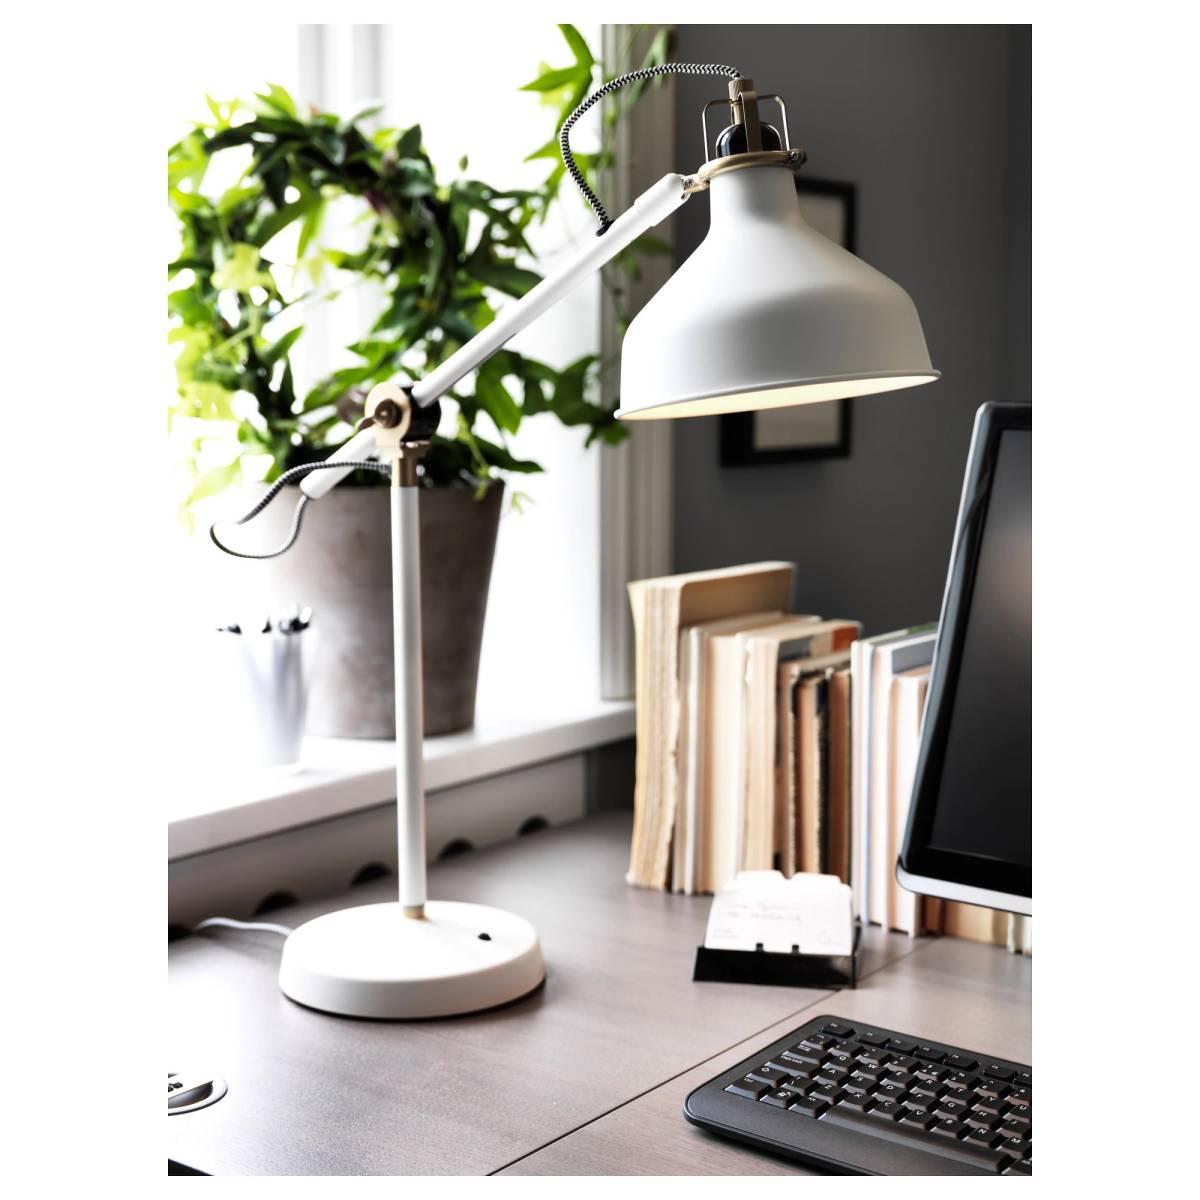 [美品]IKEA イケア RANARP 廃盤 レア 希少 ワークランプ 間接 照明 ステンレス 無機質 インテリア インダストリアル 北欧[廃盤カラー]_画像10